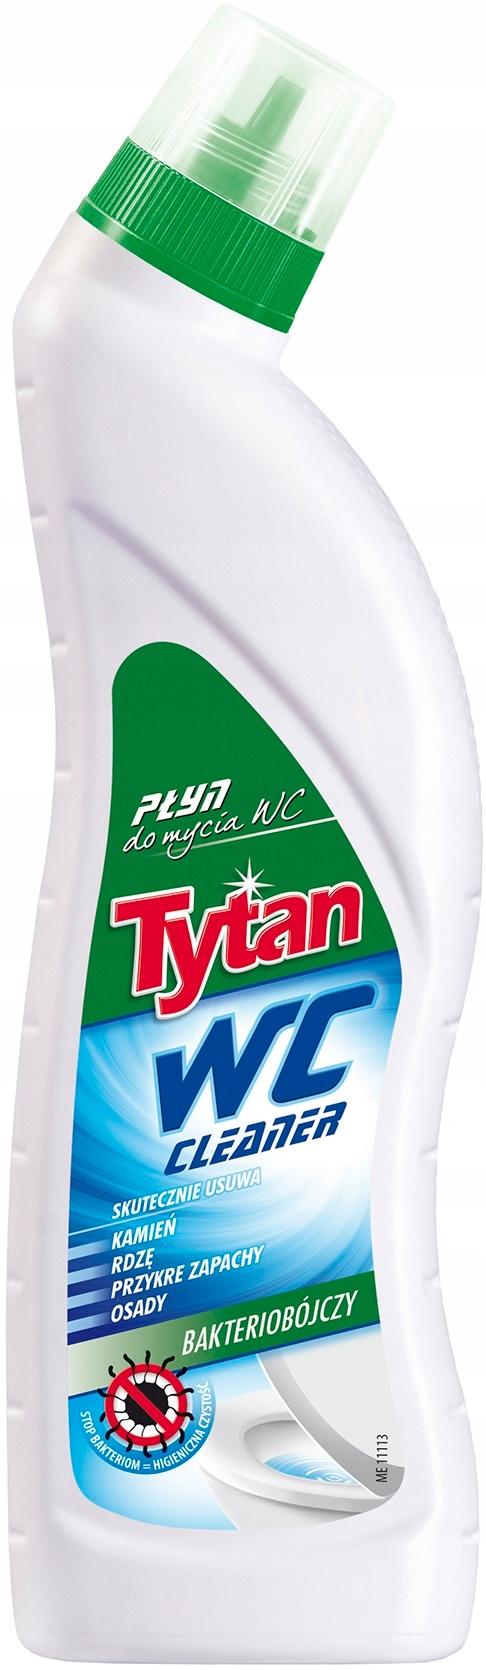 Титан Жидкость Бактерицидных для Мытья WC 700 г